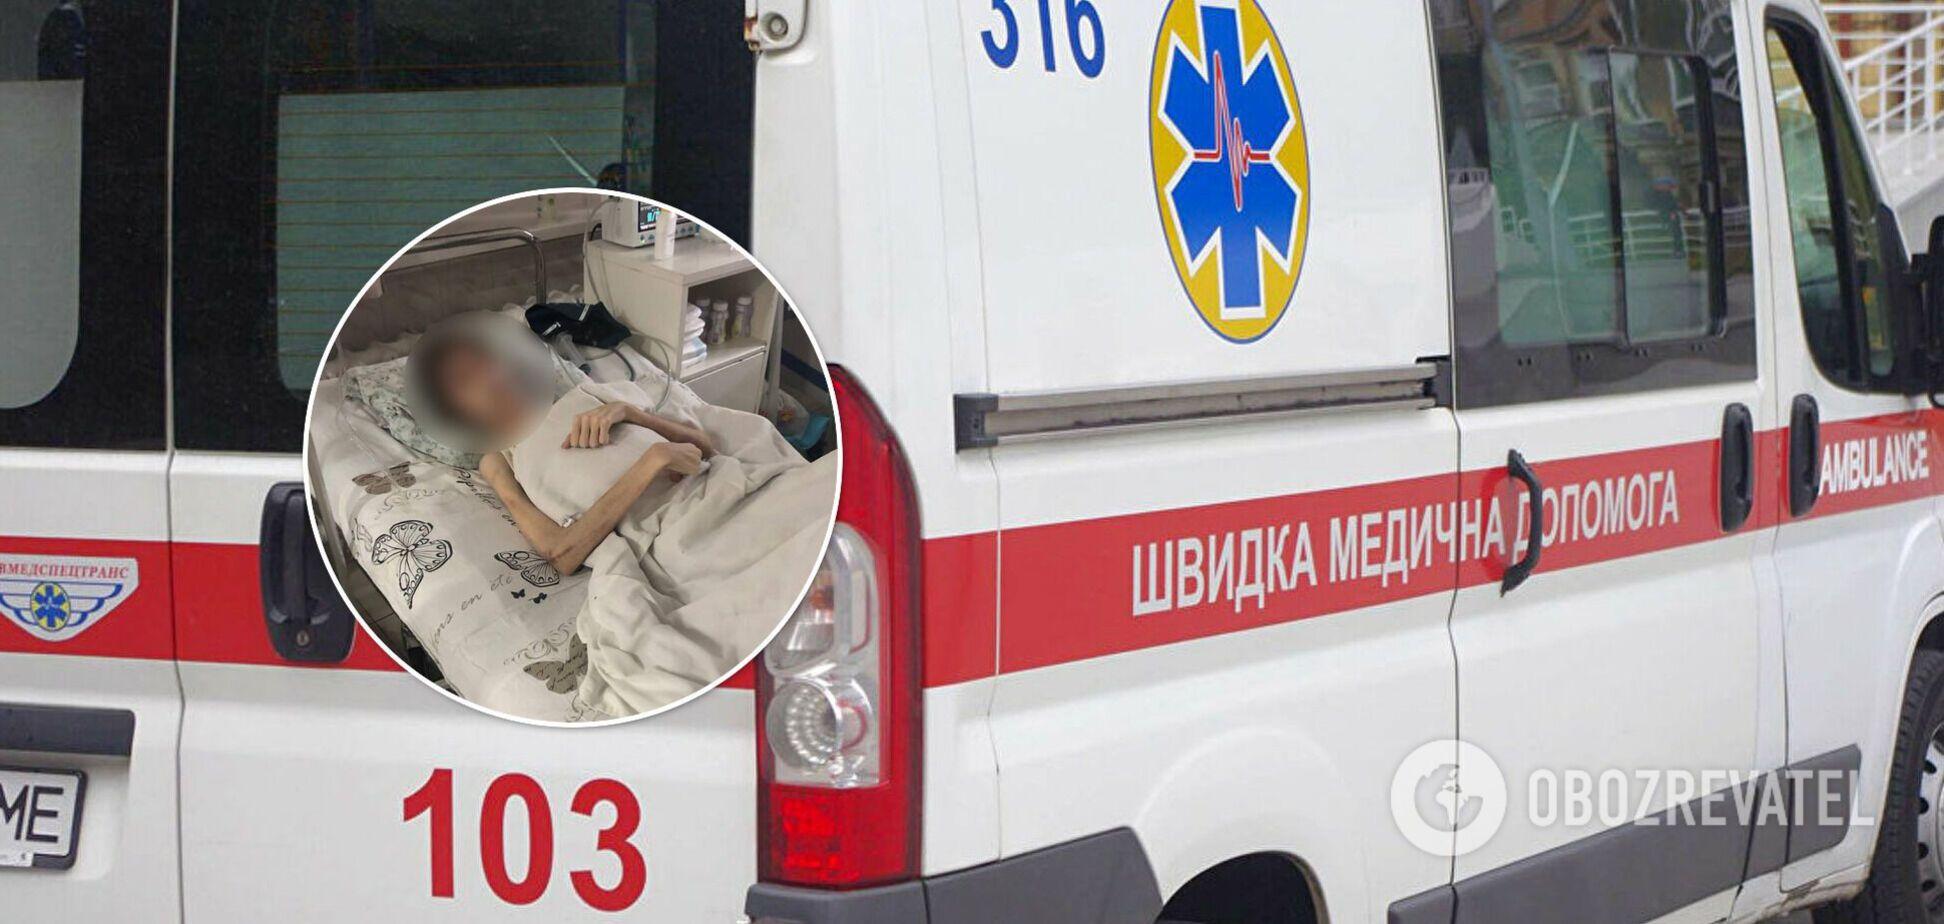 В Одесі батьки 'духовним лікуванням' довели дитину до виснаження і зневоднення. Фото